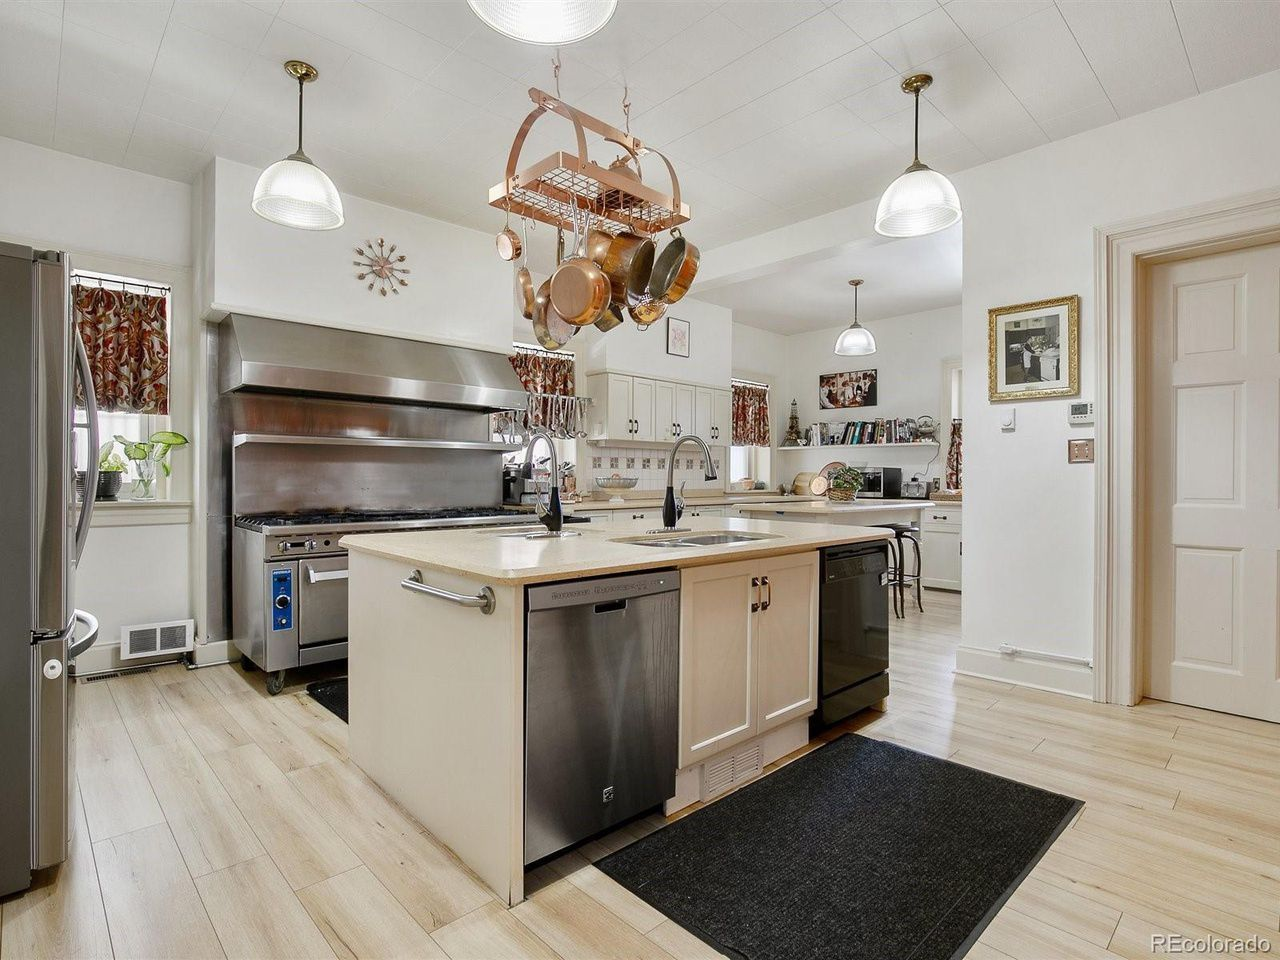 1350 N. Logan St kitchen